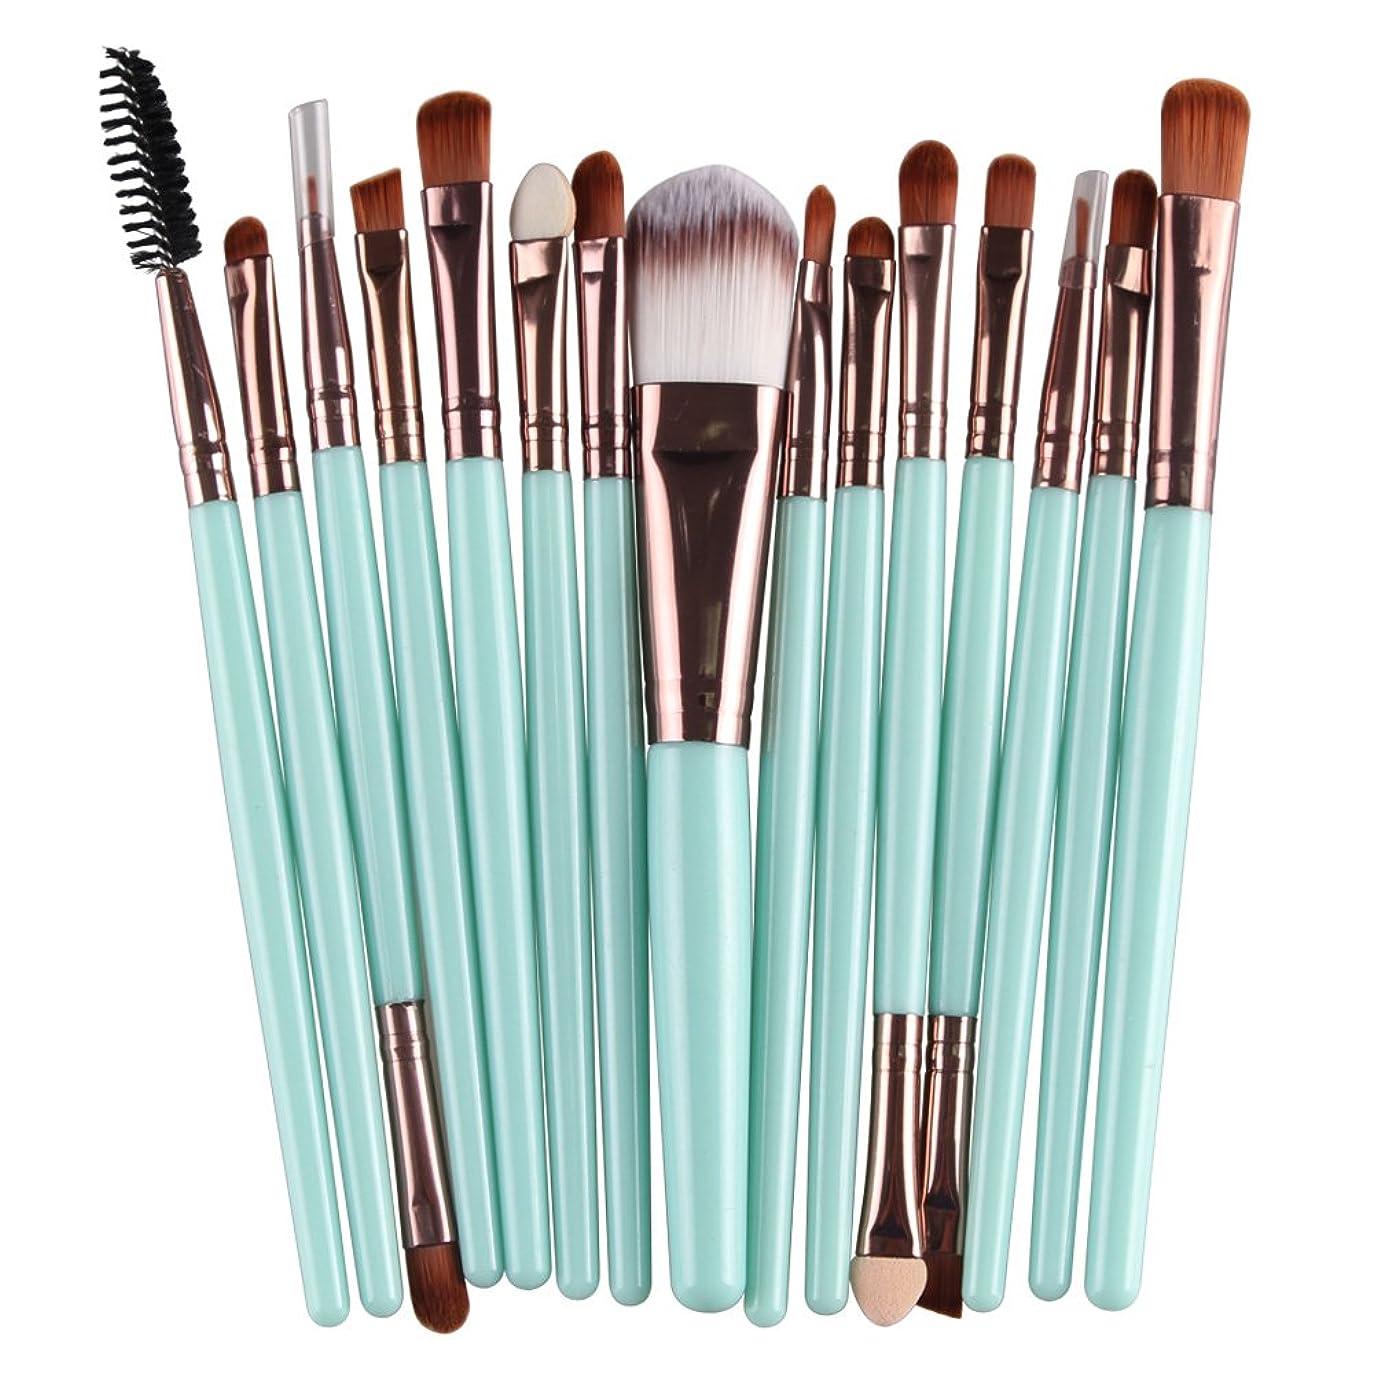 半ば派手明らかにProfessional Pro 15 Pcs/Sets Eye Shadow Foundation Eyebrow Lip Brush Makeup Brushes Cosmetic Tool Make Up Eye Brushes Set